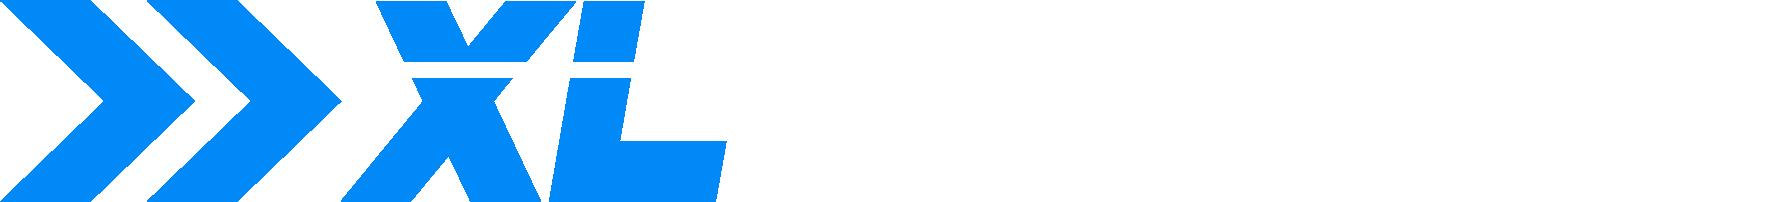 Логотип xlpromo